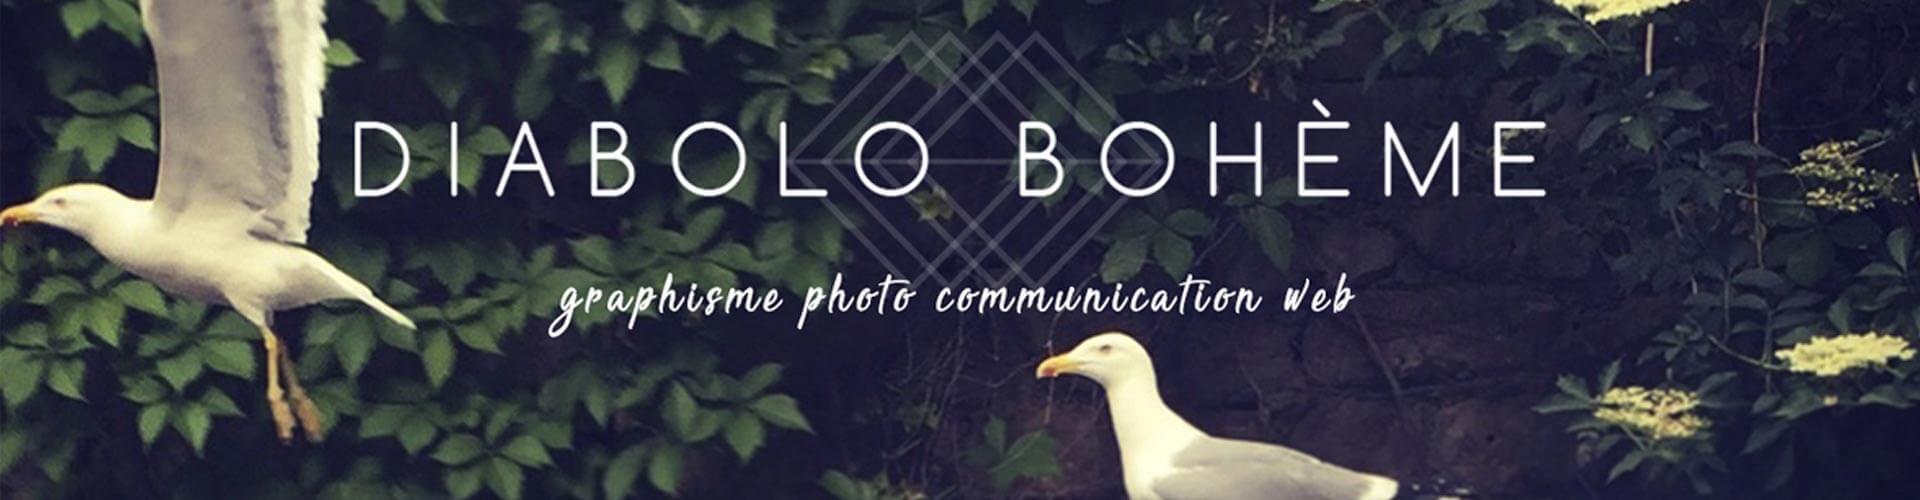 Diabolo Bohème, graphisme, photographie, communication visuelle en Coeur d'Hérault